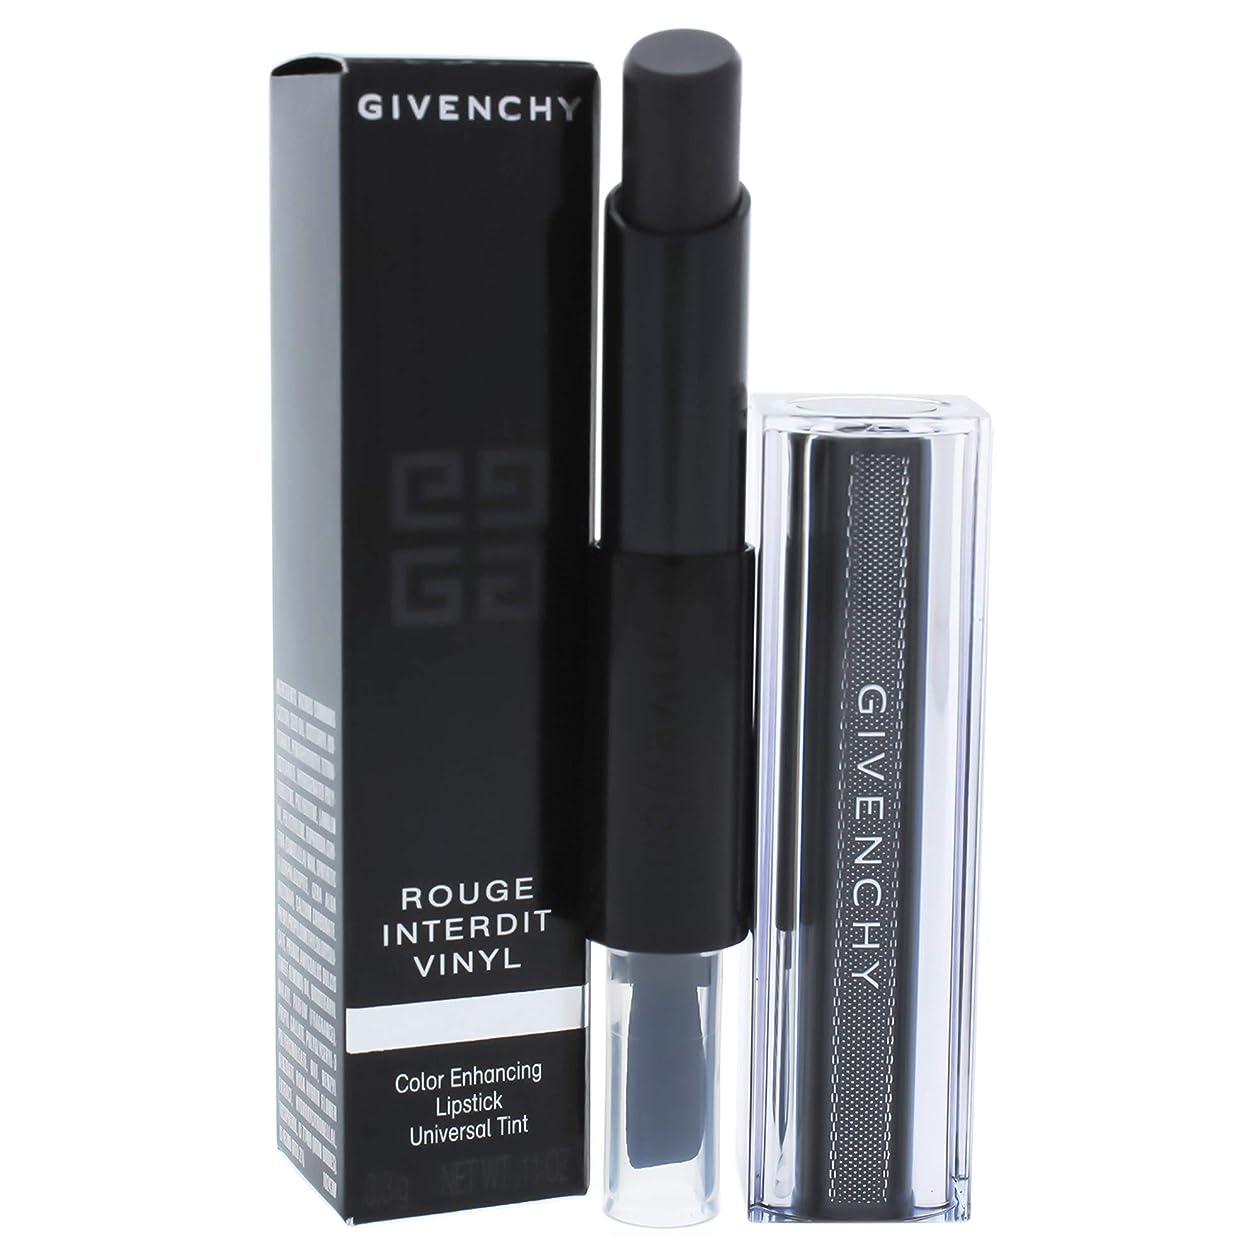 放送努力火曜日ジバンシィ Rouge Interdit Vinyl Color Enhancing Lipstick - # 16 Noir Revelateur 3.3g/0.11oz並行輸入品